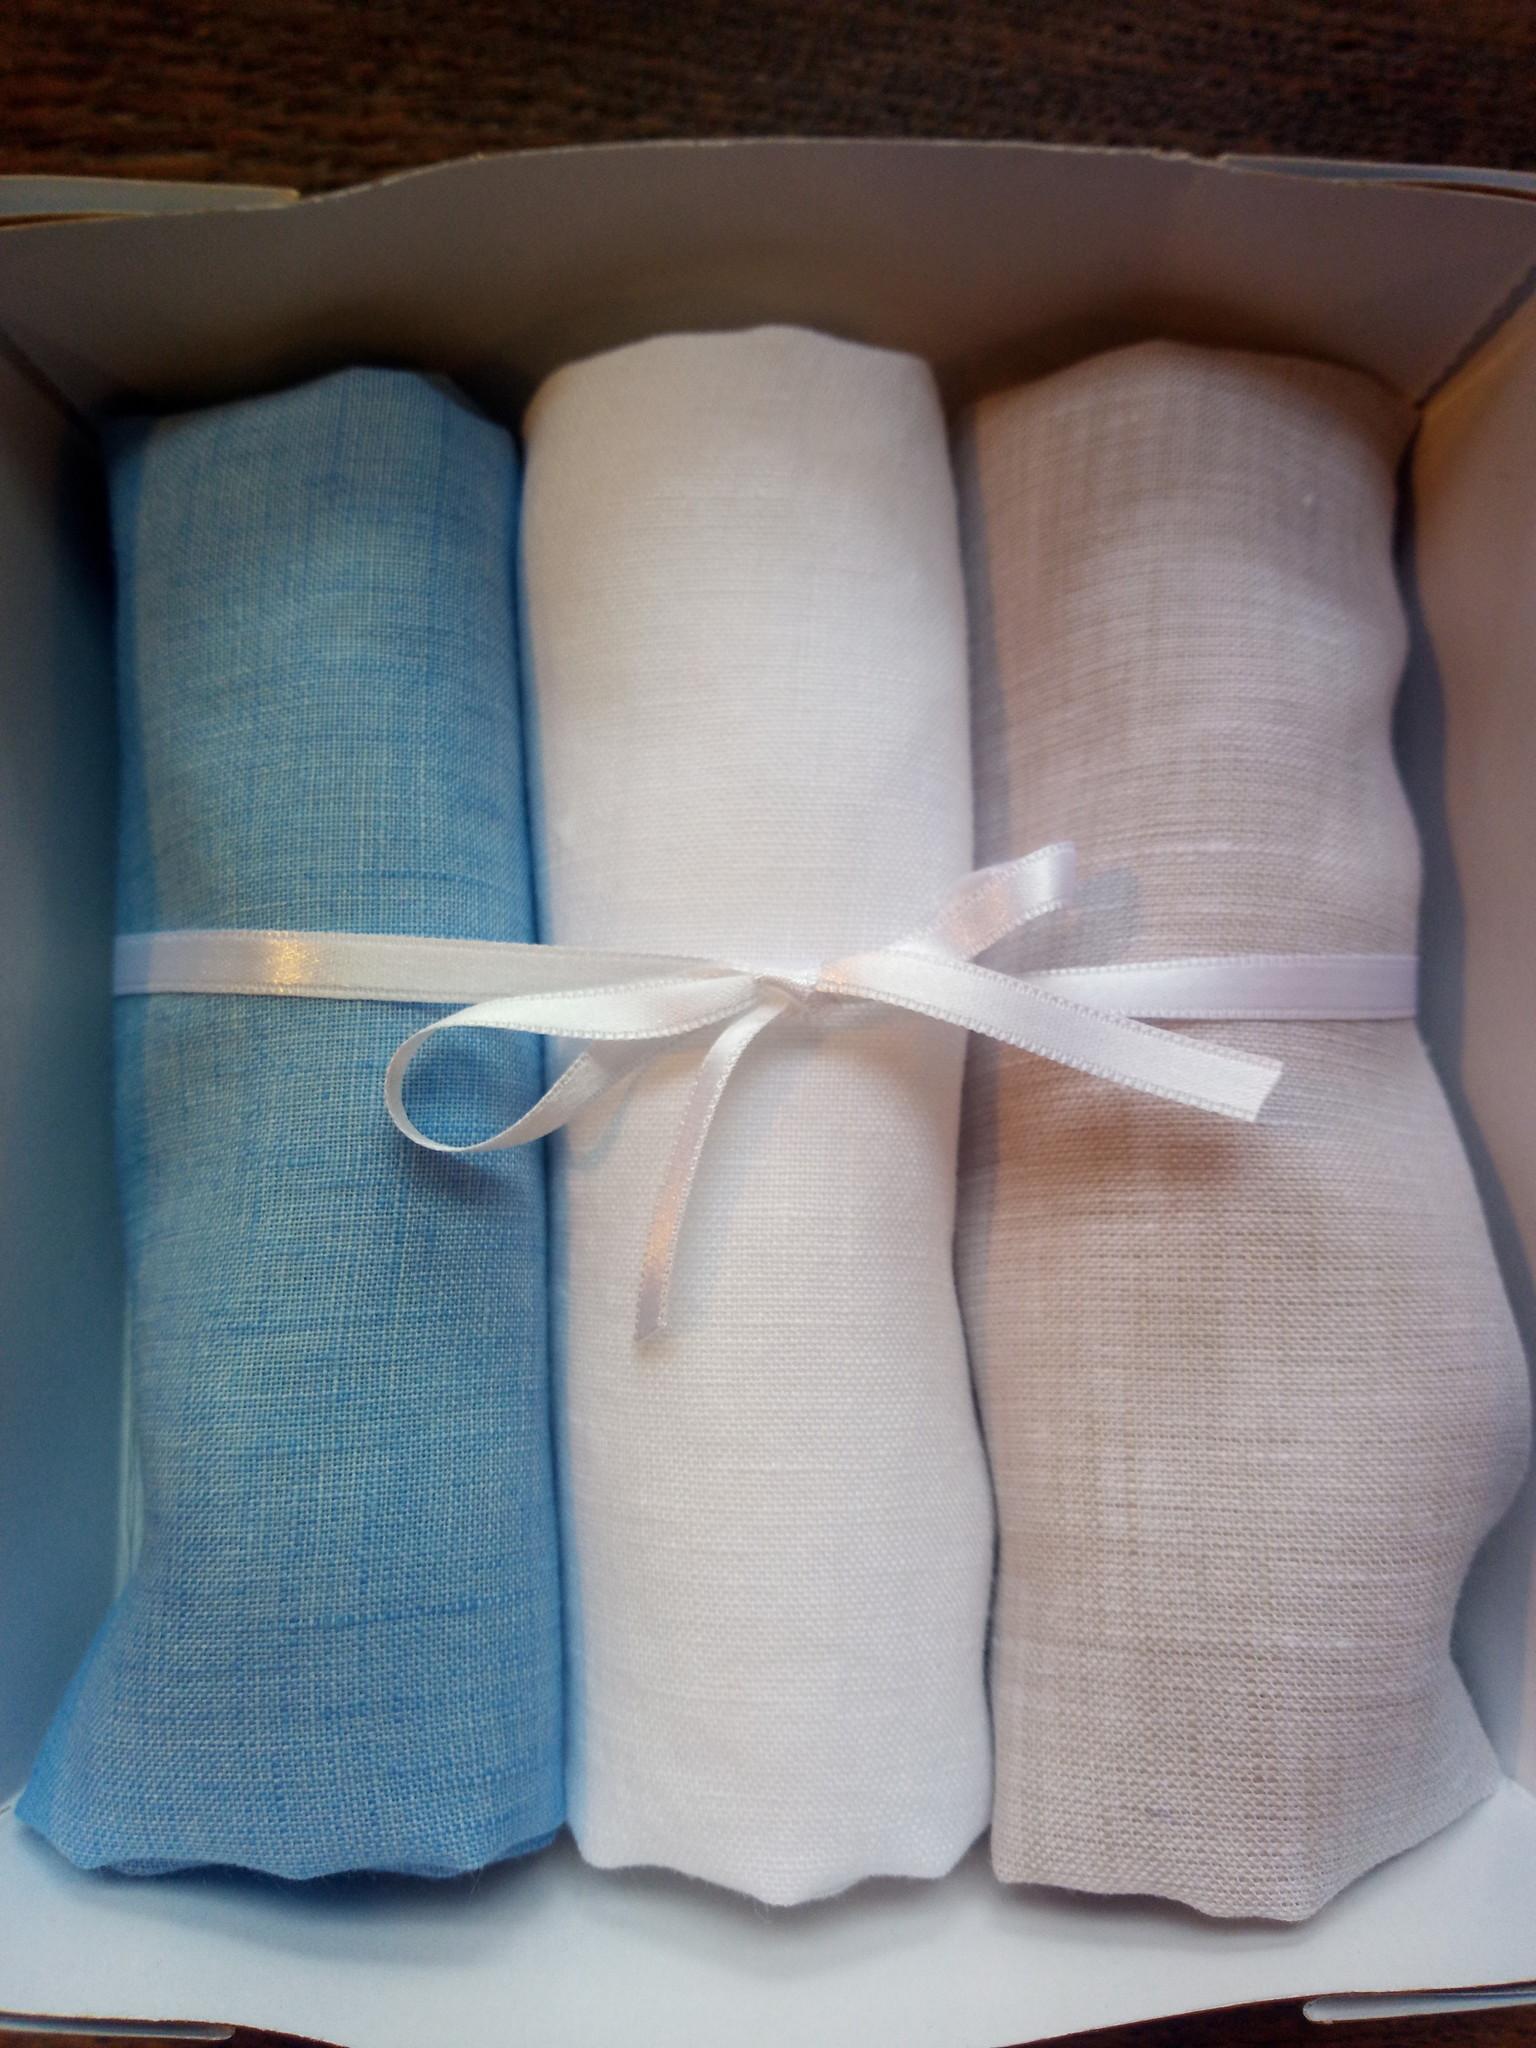 Set of 3 handkerchiefs